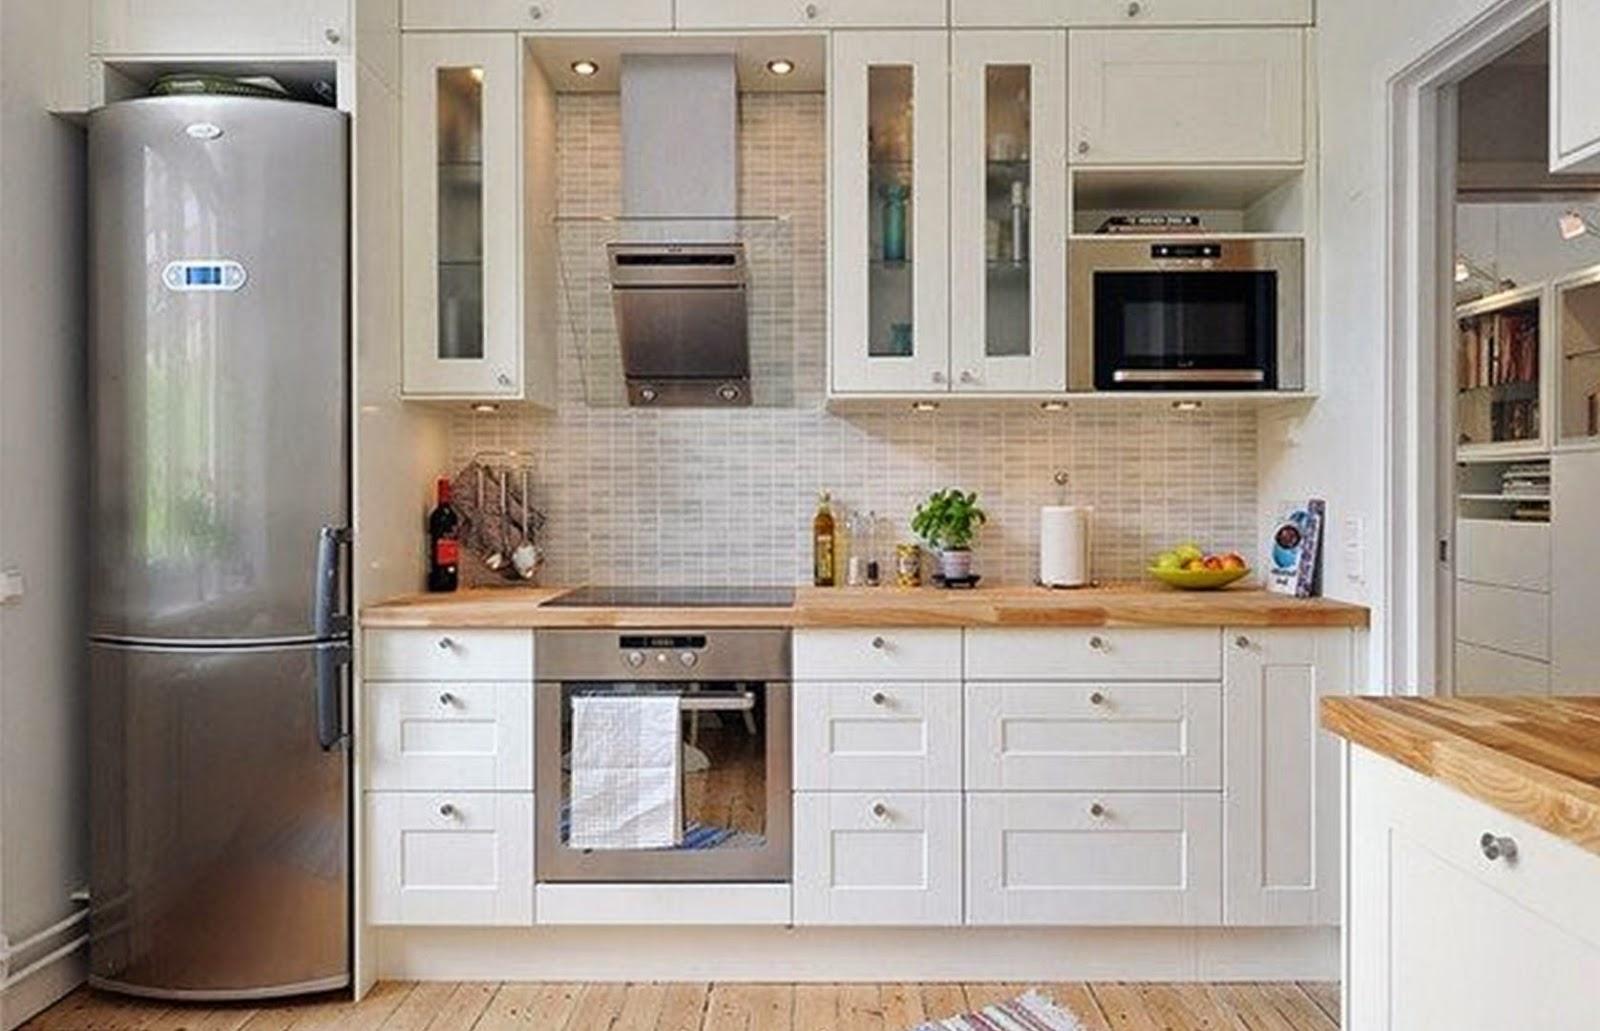 kitchen design ideas 2014 aid immersion blender designing freshnist